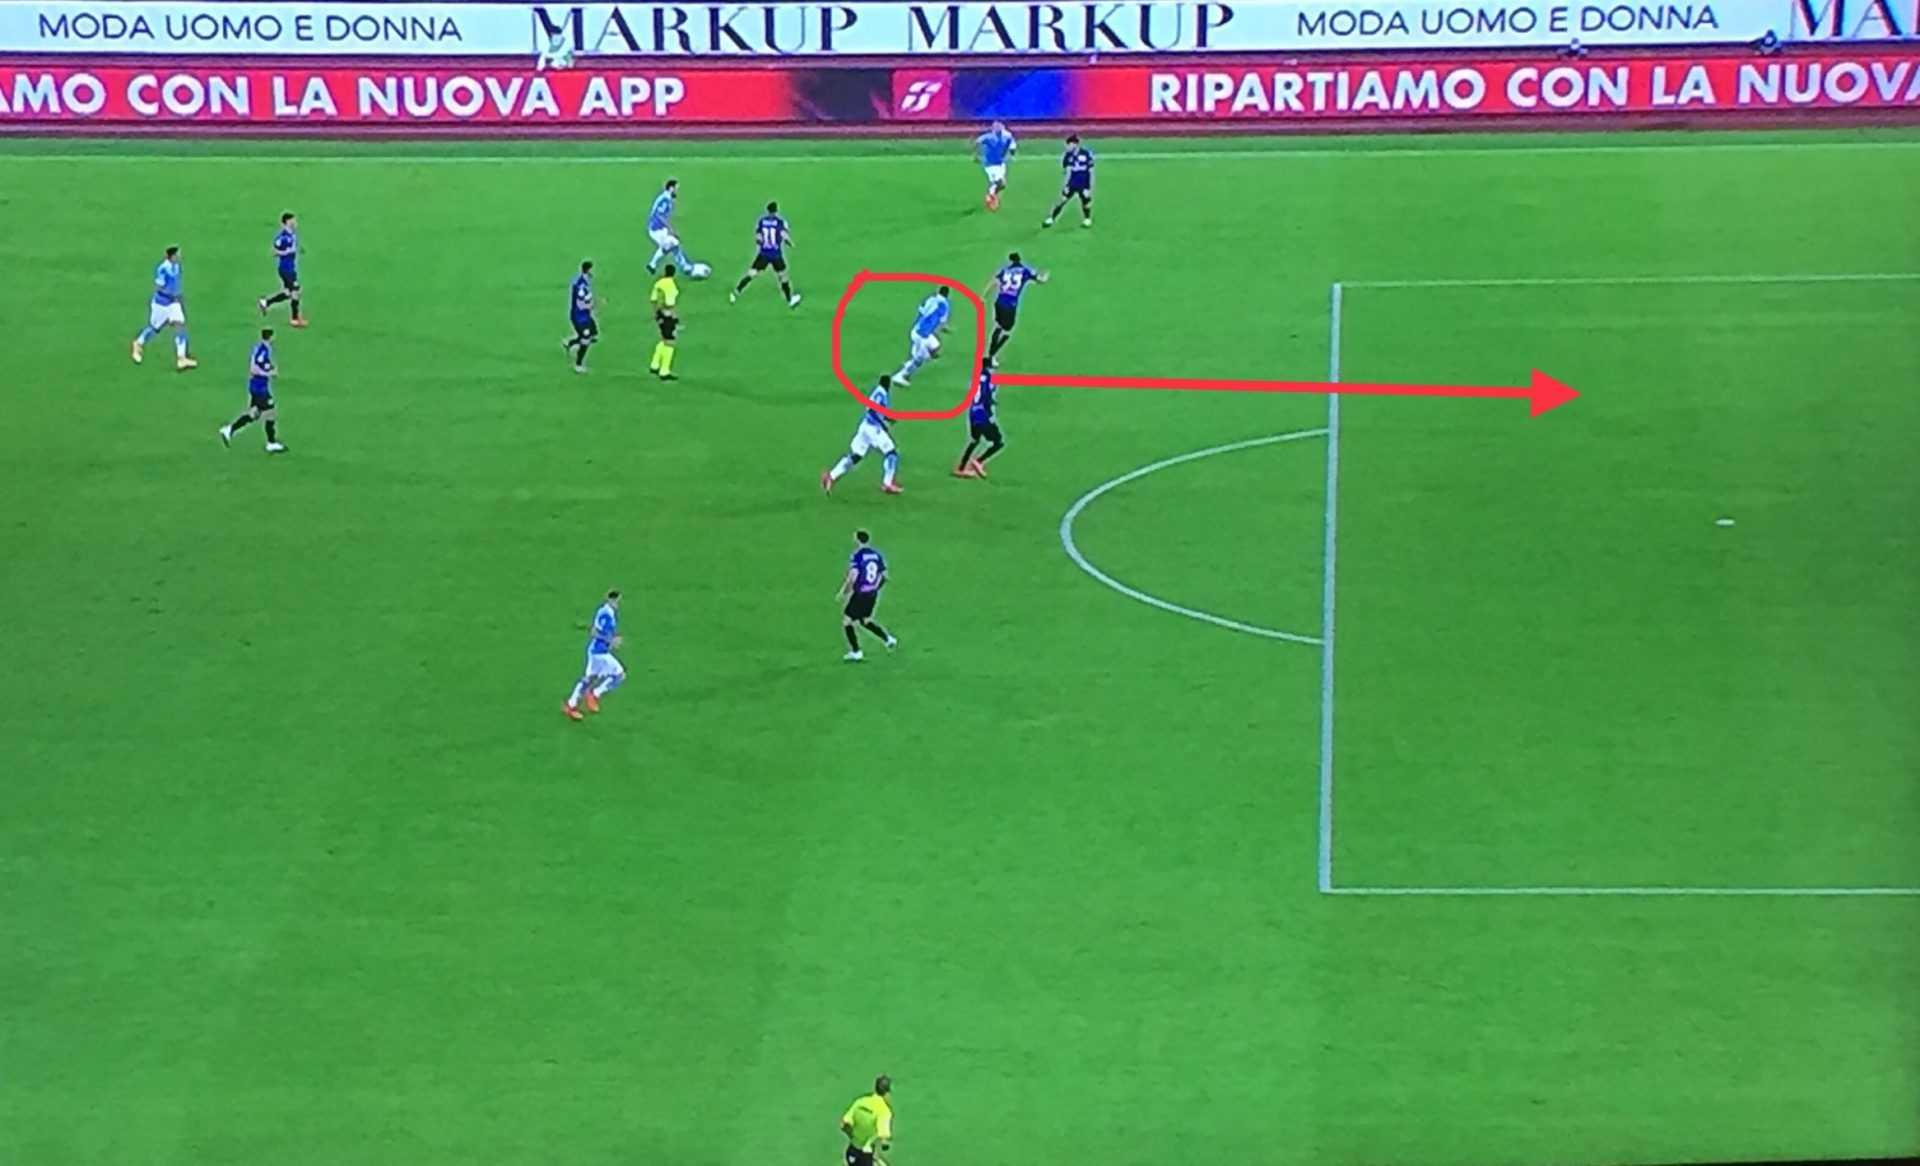 Lazio-Atalanta (1-4): analisi tattica e considerazioni